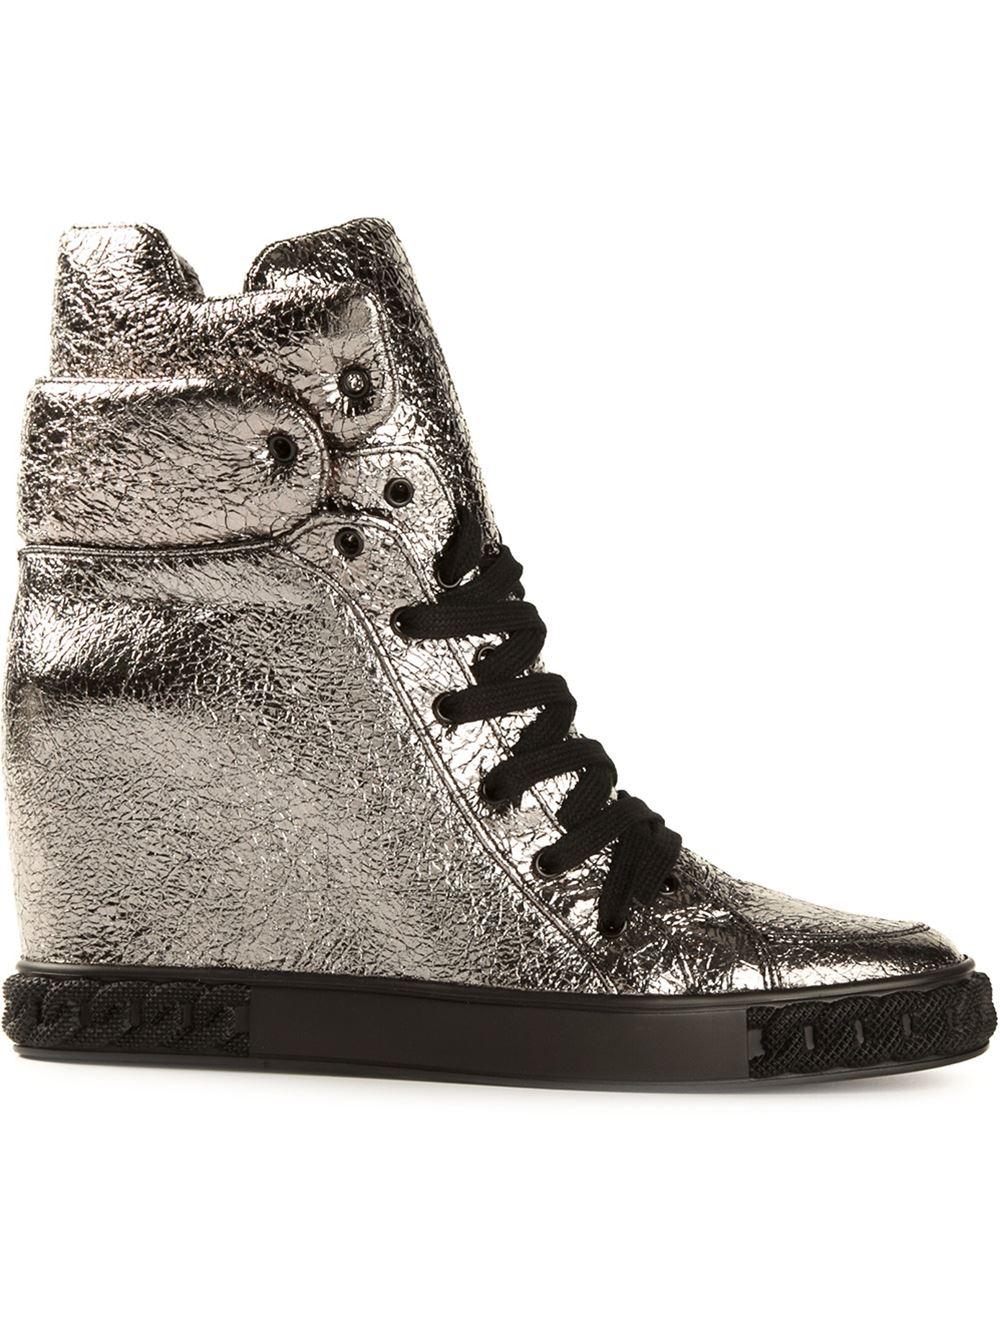 In Hightop Lyst Sneakers Casadei Concealed Metallic Wedge n44xTZ0q